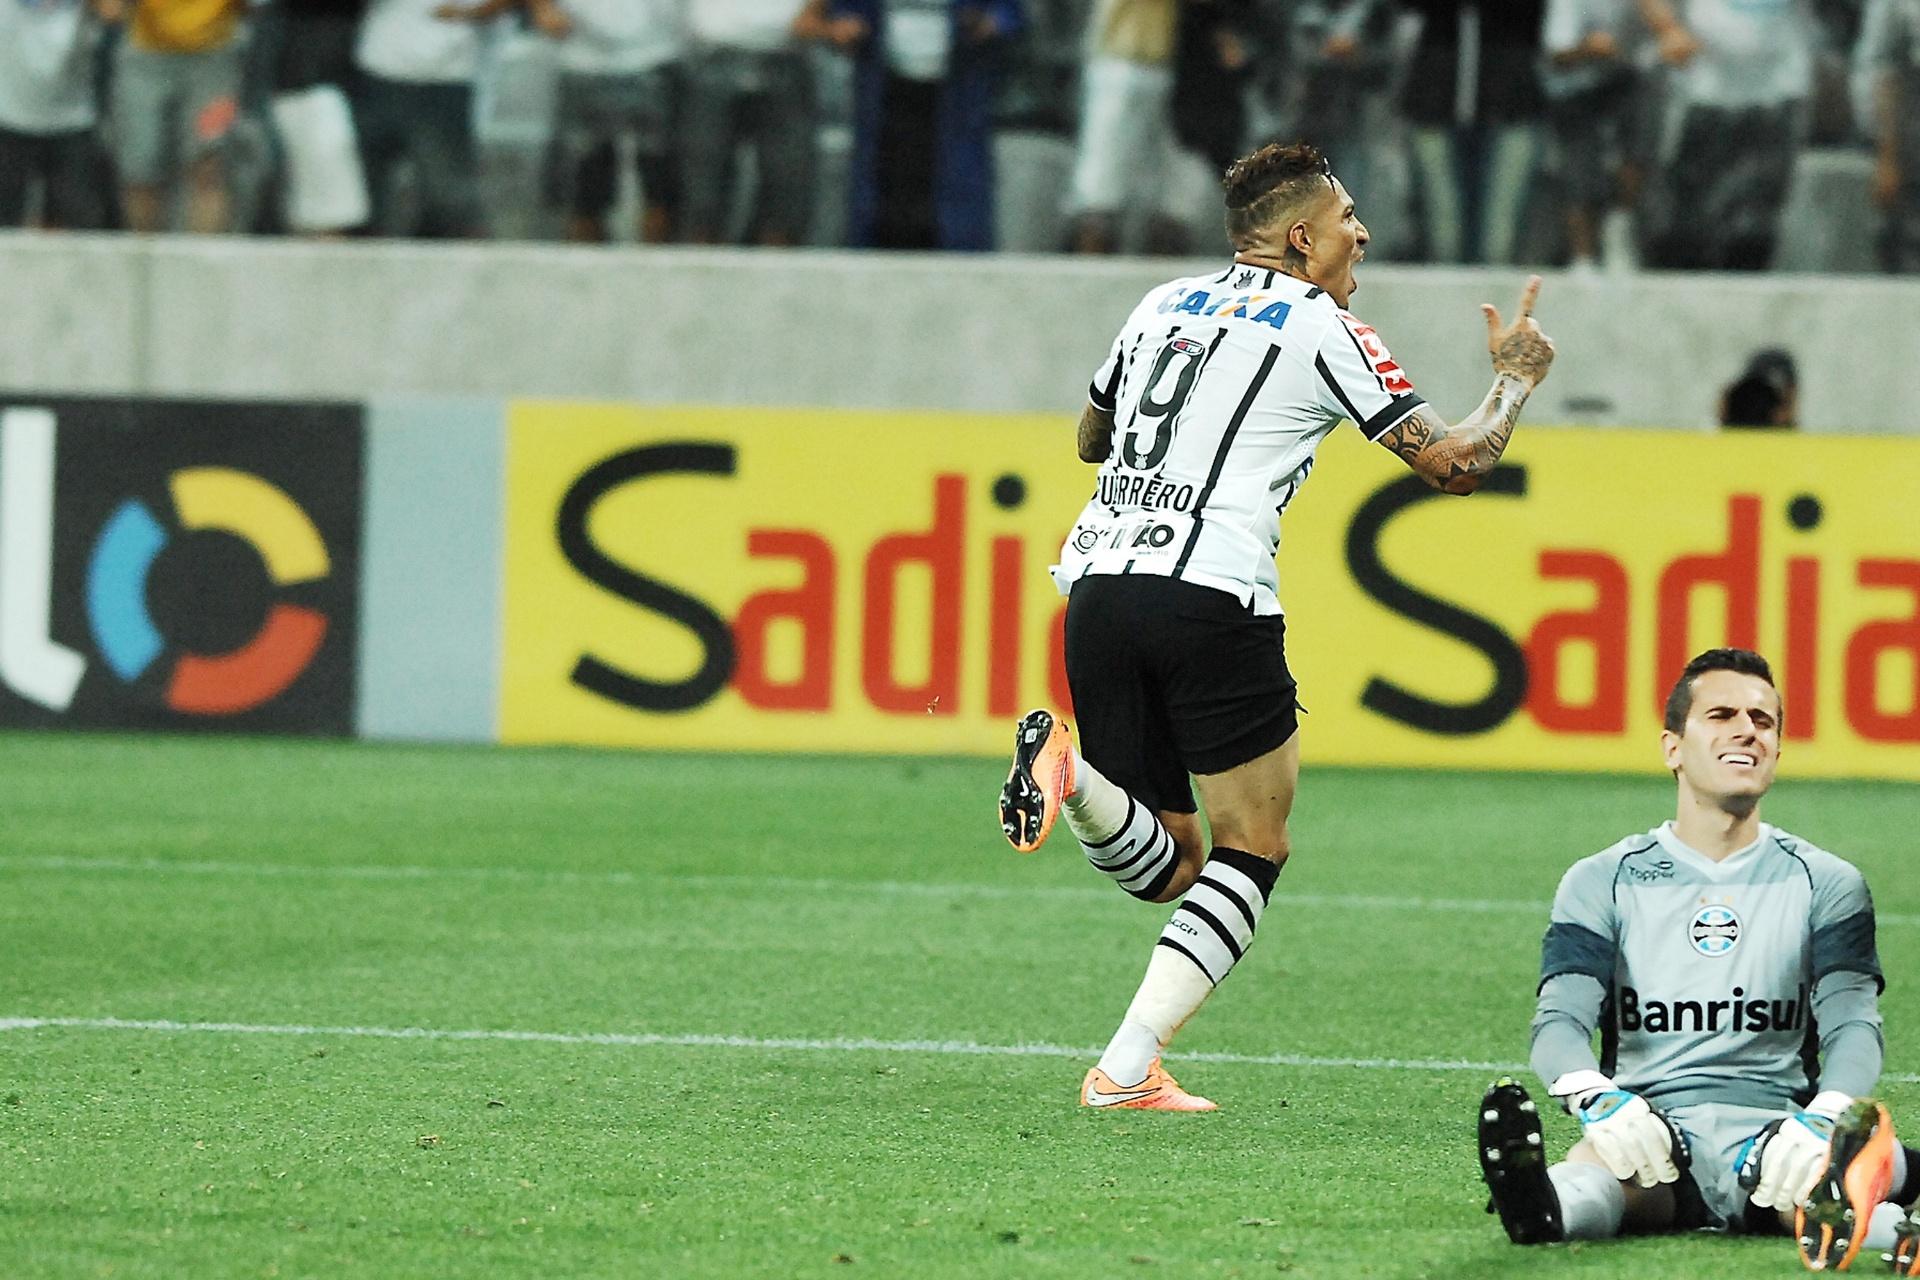 É mais que o último jogo. Corinthians dá largada de 2015 contra o Criciúma  - 06 12 2014 - UOL Esporte 43c317dbf5f